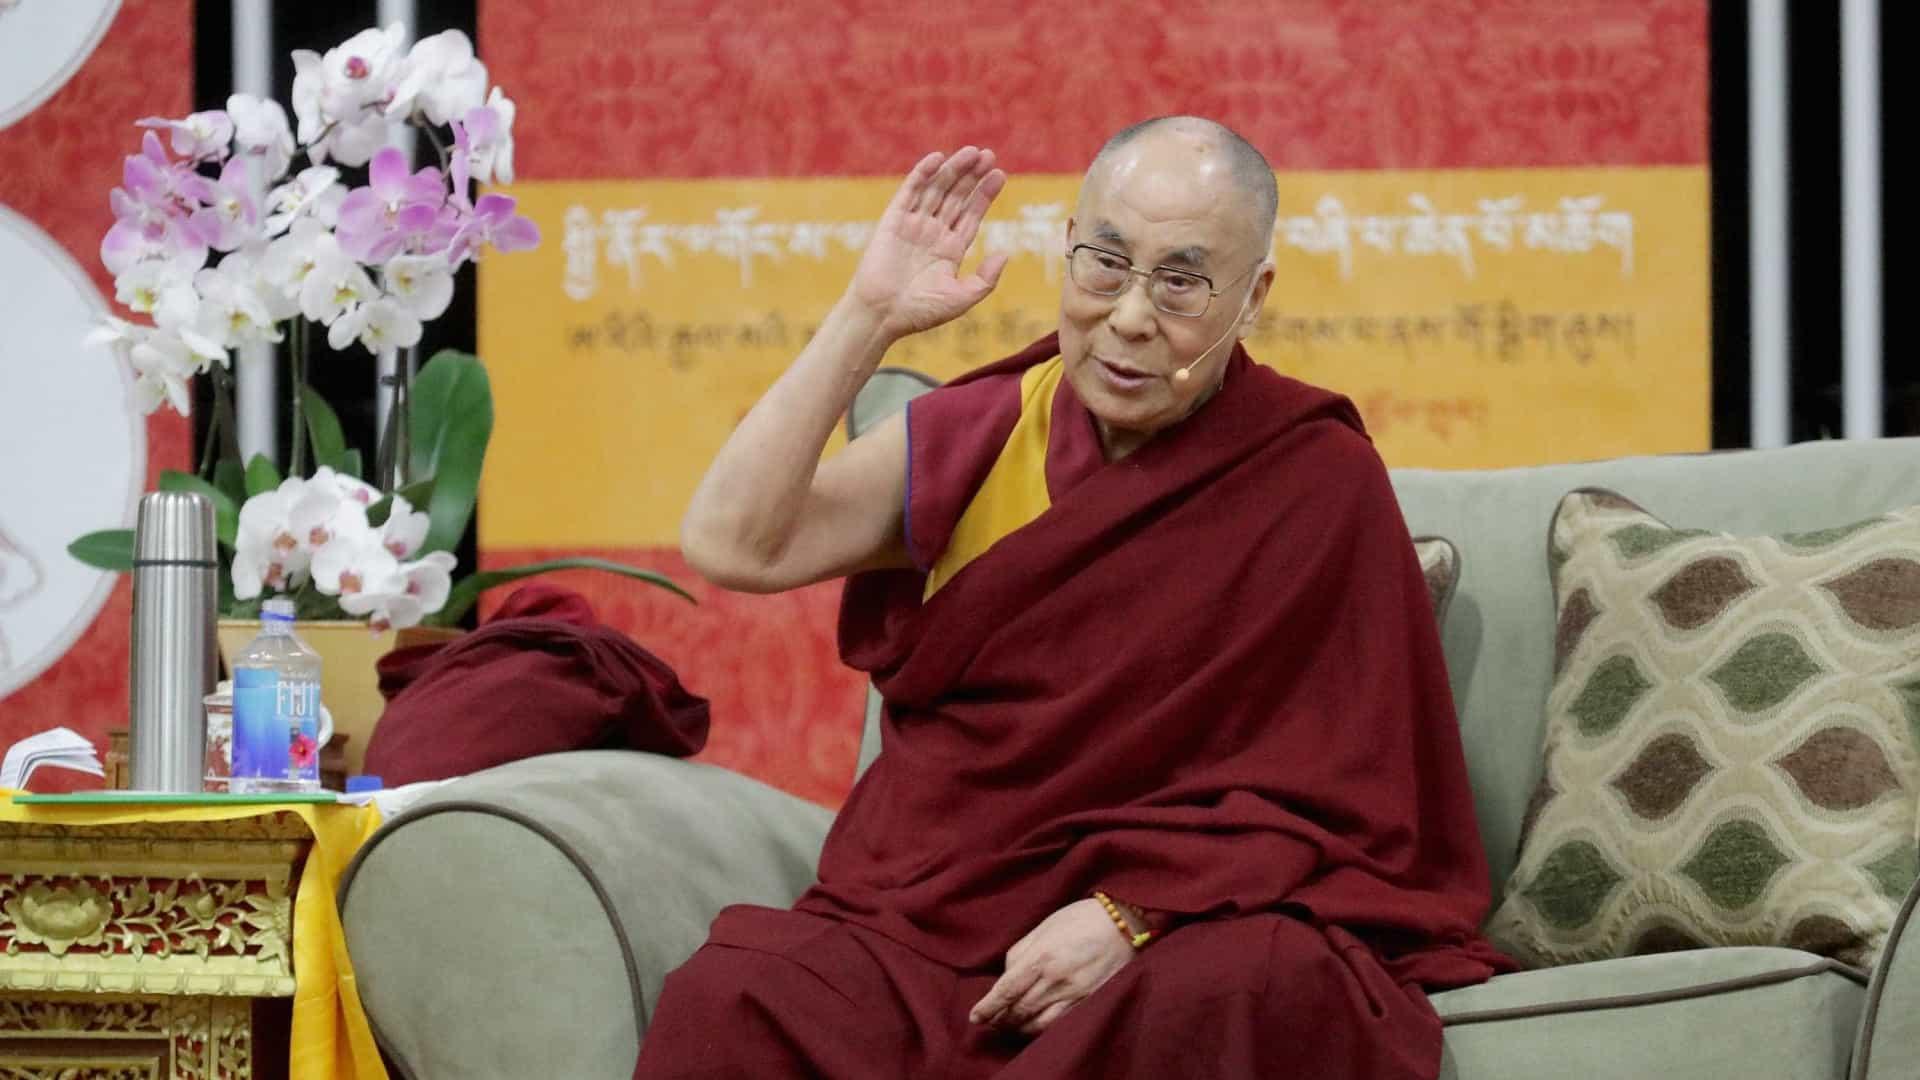 dalai lama foi hospitalizado com infeção no peito - Dalai Lama - Dalai Lama foi hospitalizado com infeção no peito